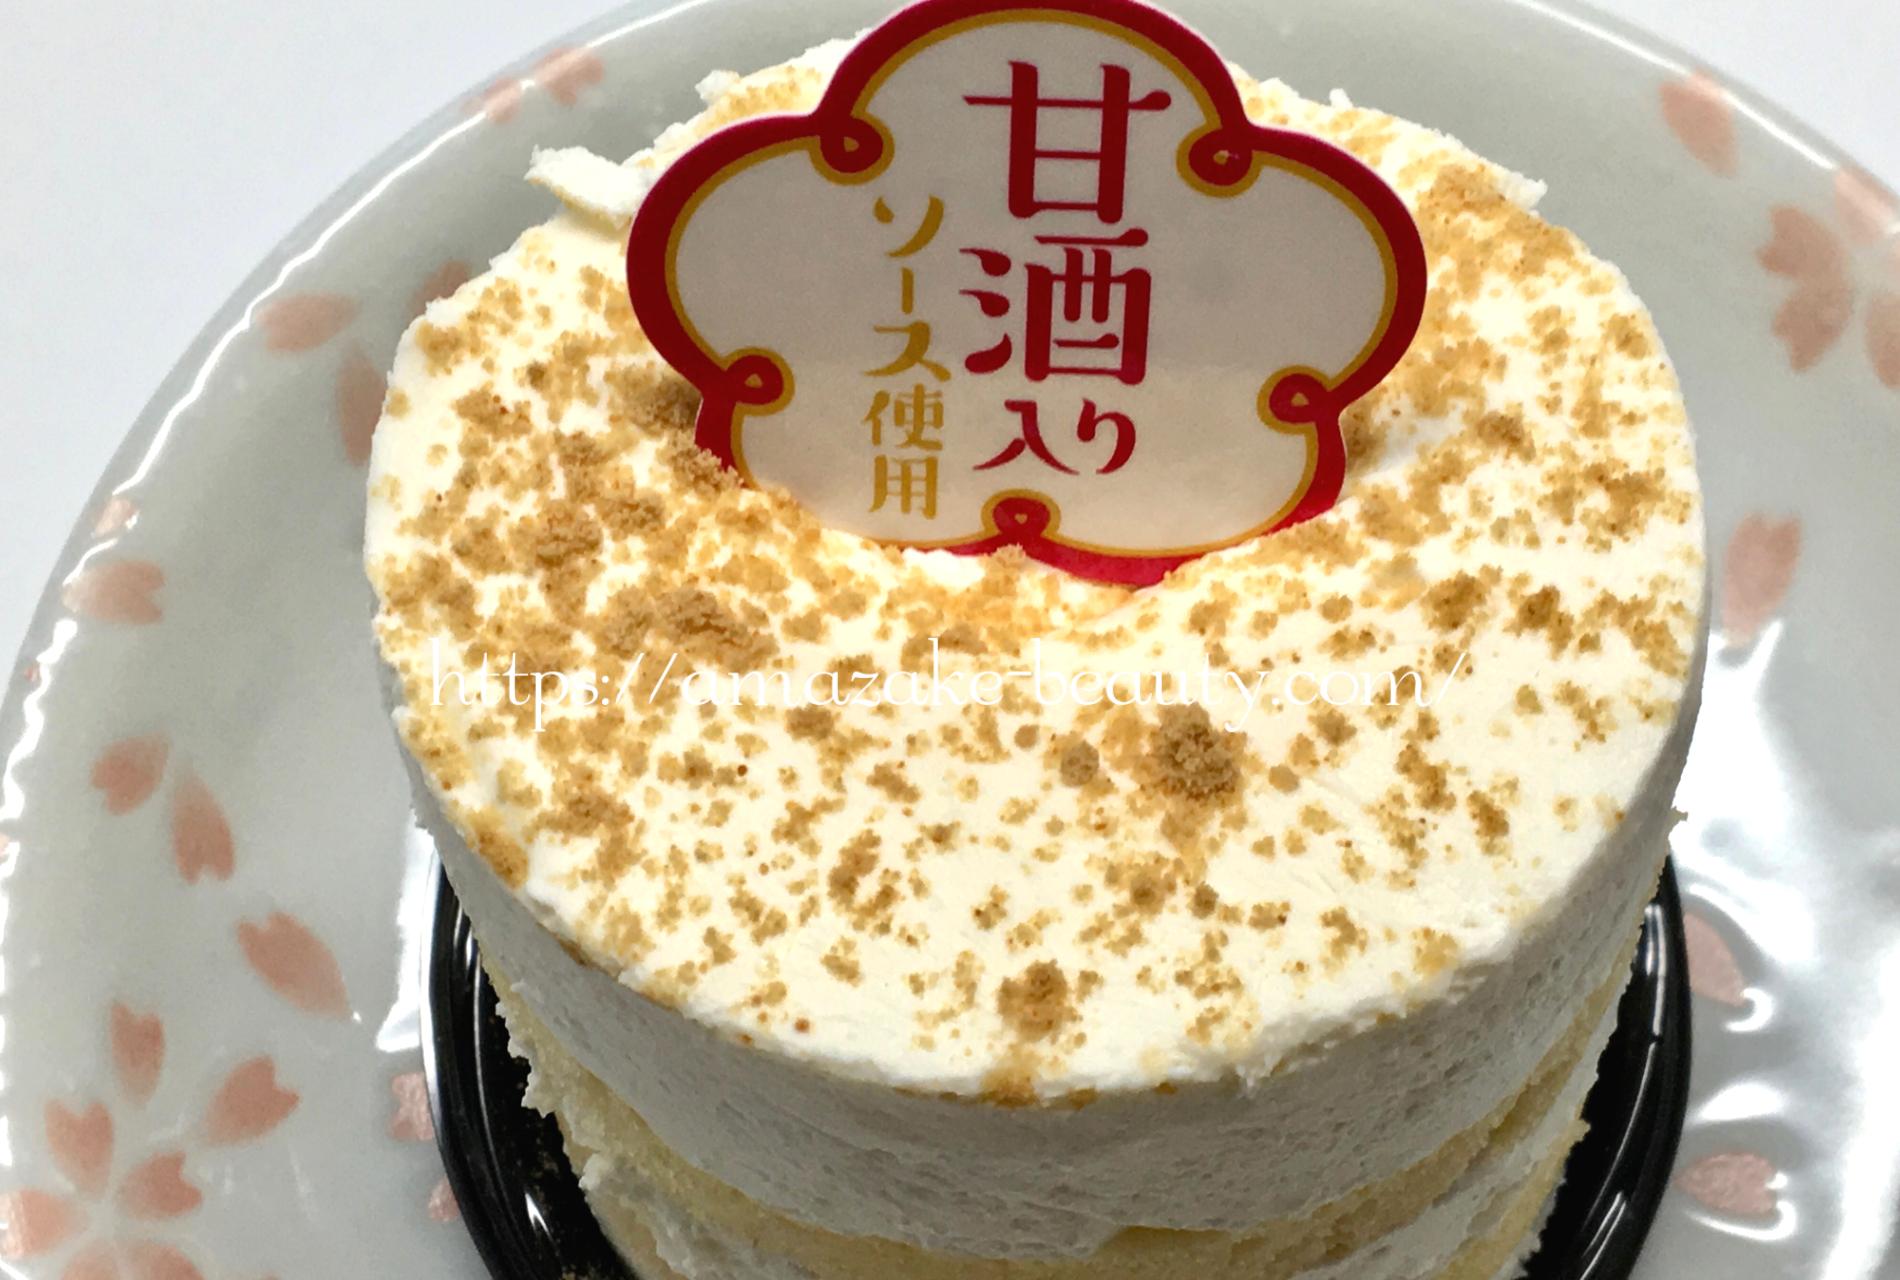 [amazake sweets]fujiya[amazake teiramisu]